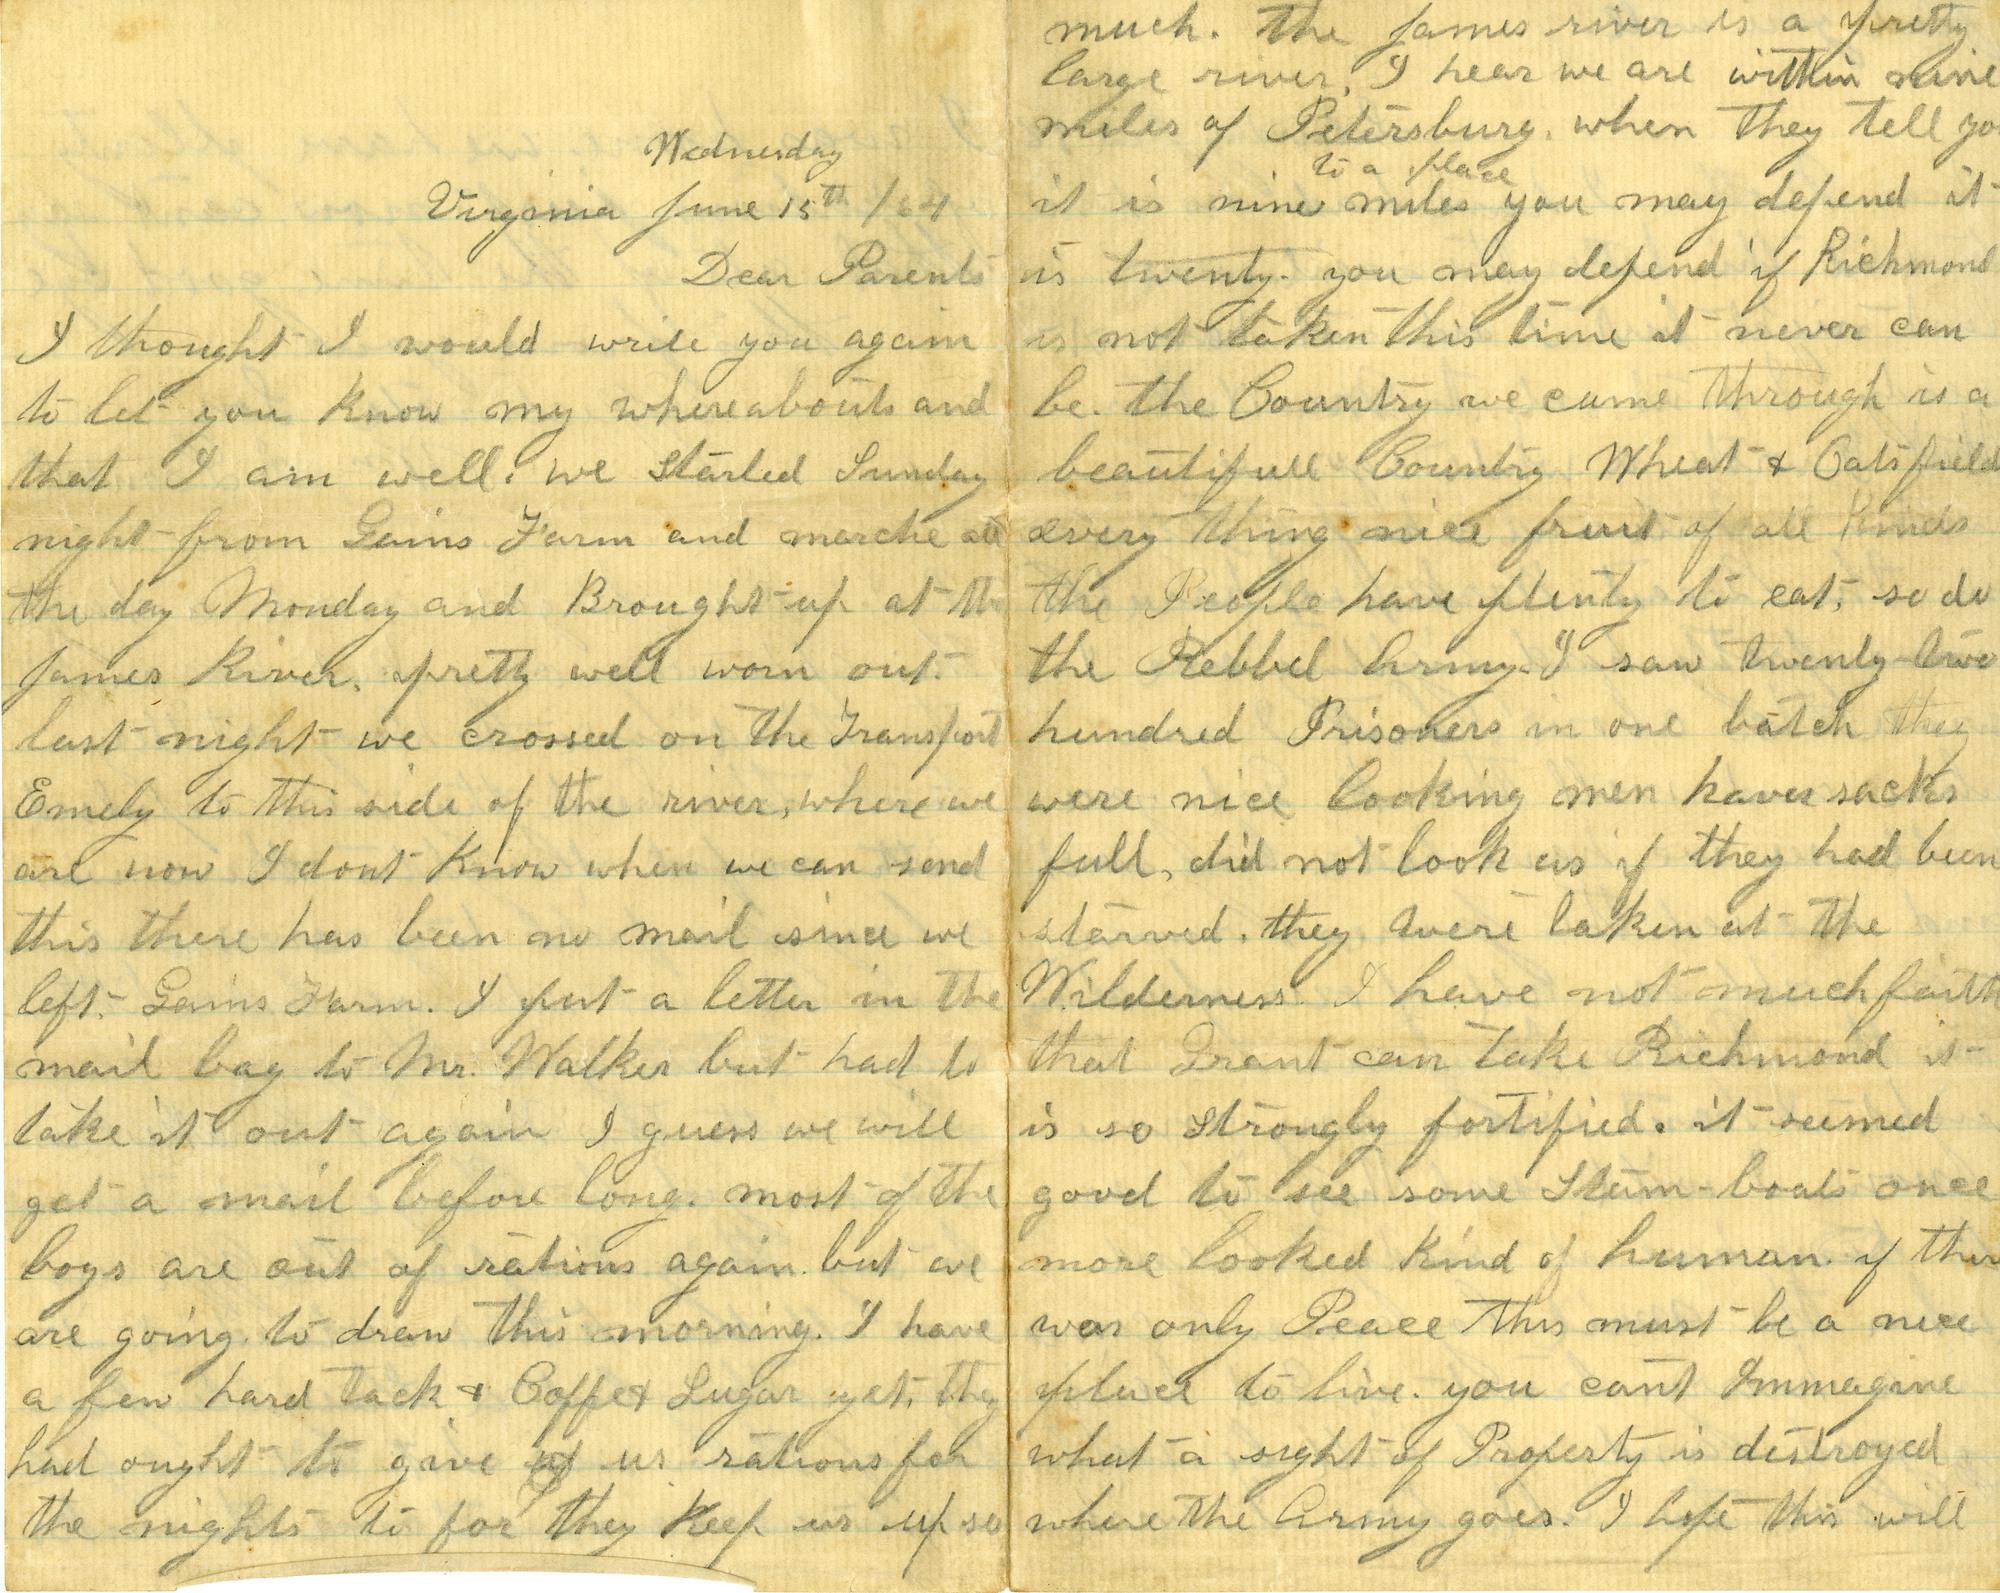 Ms2011-106_LeonardWilliam_B1F1_Letter_1864_0615_pg01_02.jpg